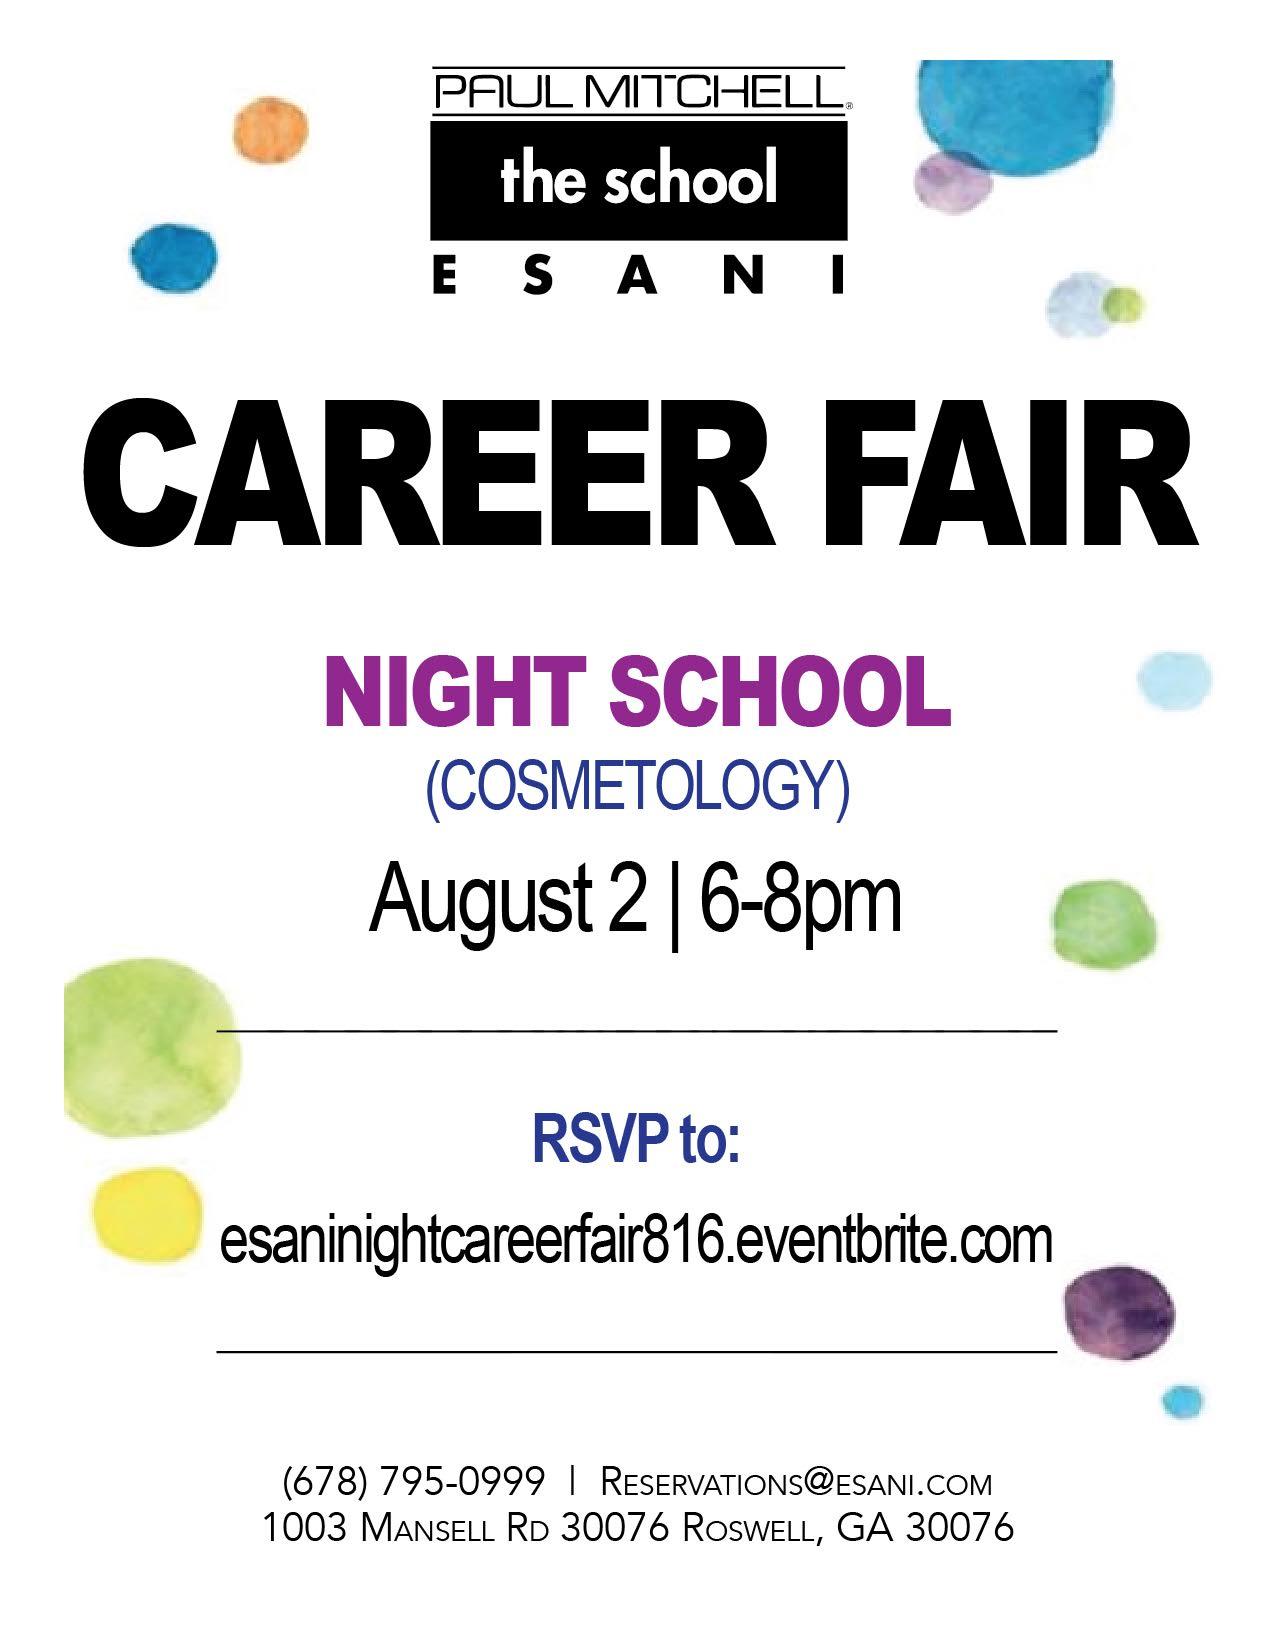 Night Career Fair Flyer